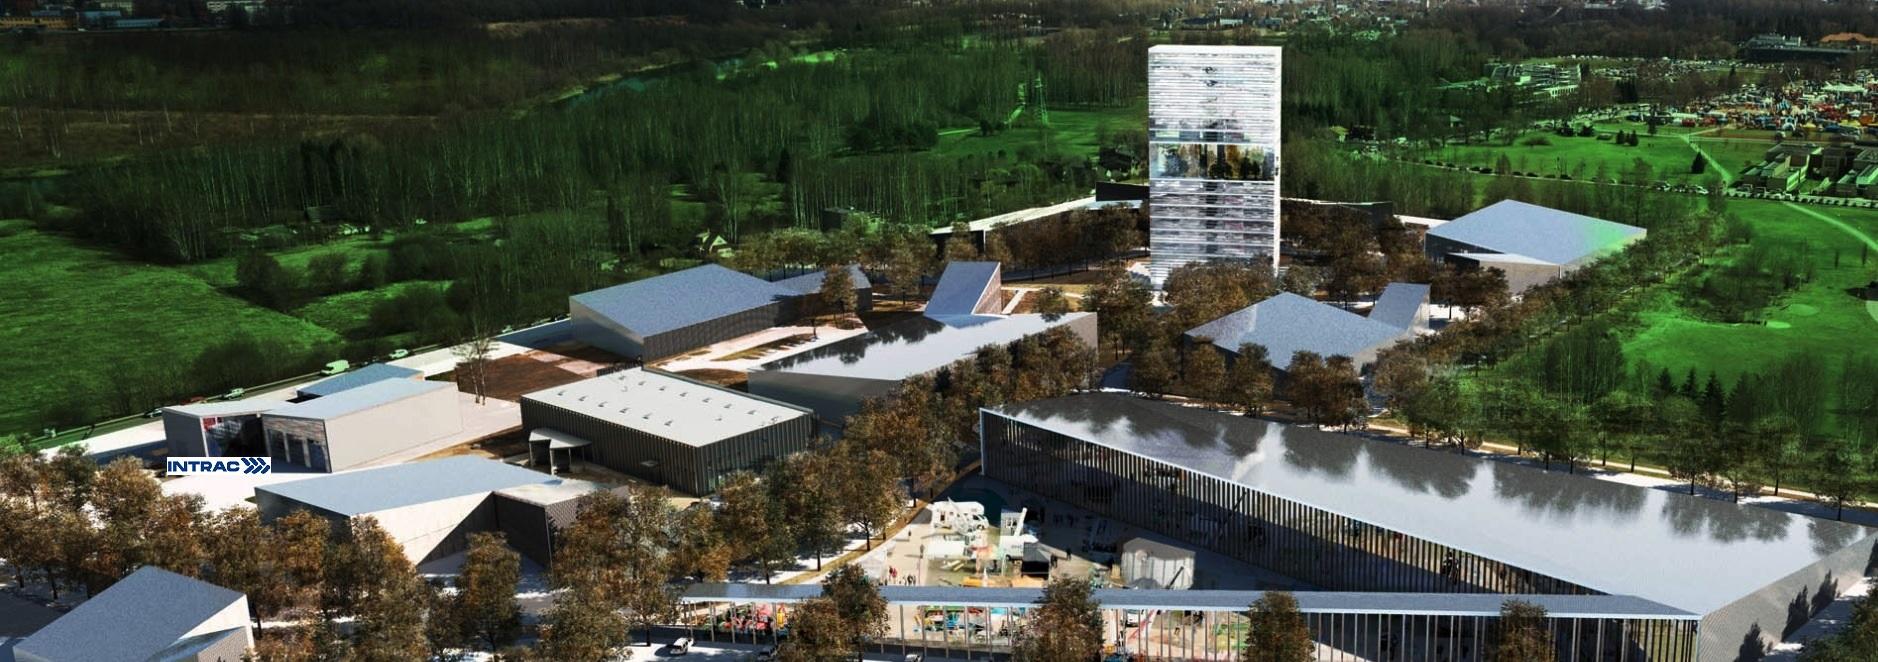 INTRAC-i Lõuna-Eesti esindus asub nüüd aadressil Roheline tn 13, Tähtvere, Tartumaa